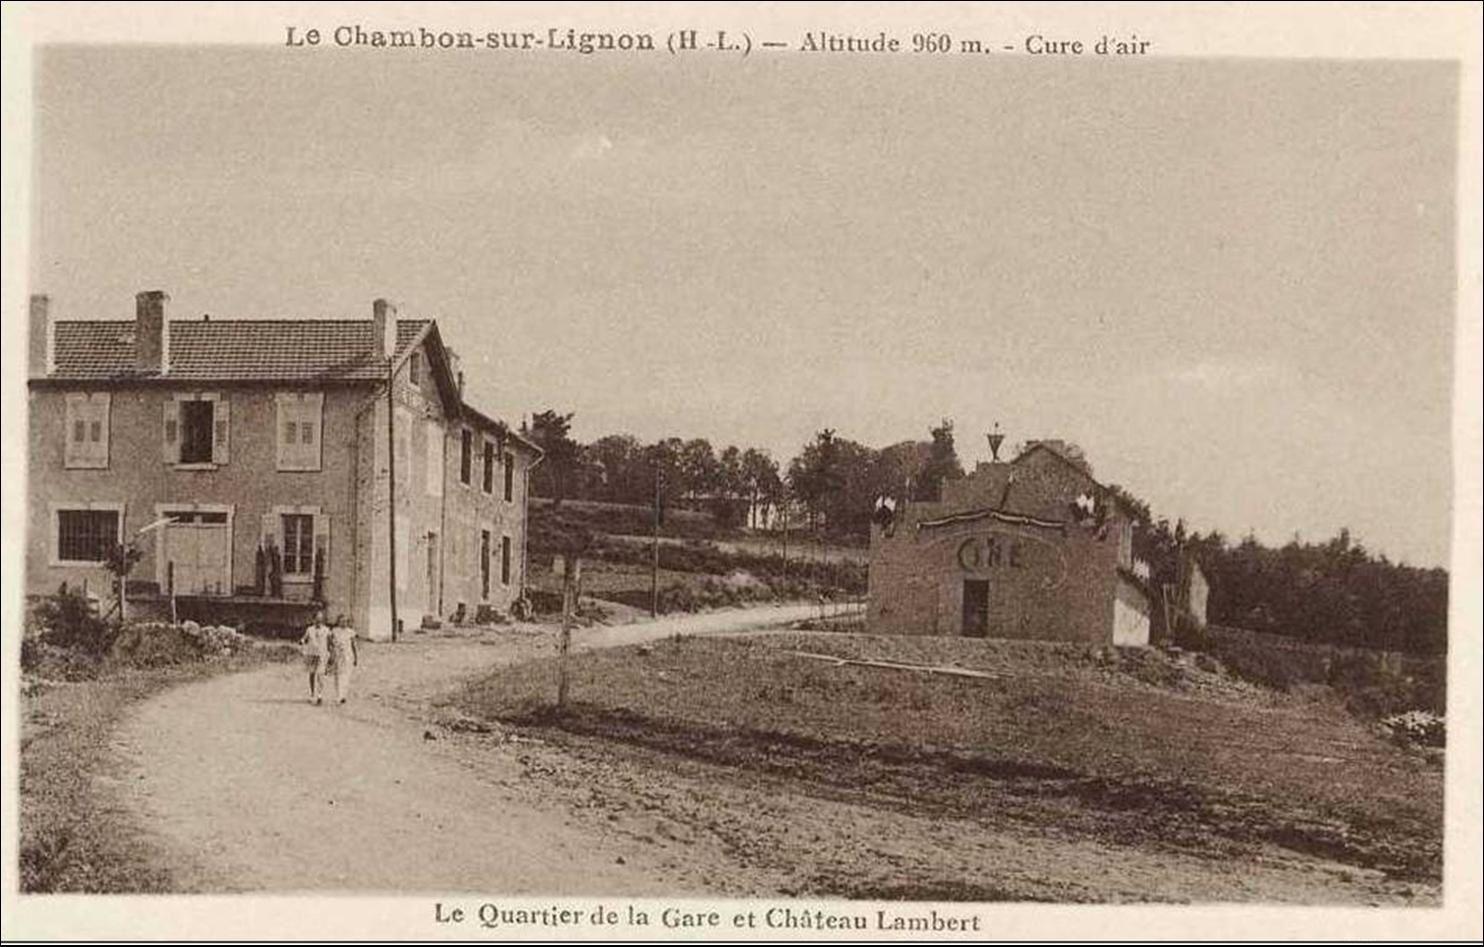 C'était hier au Chambon sur Lignon